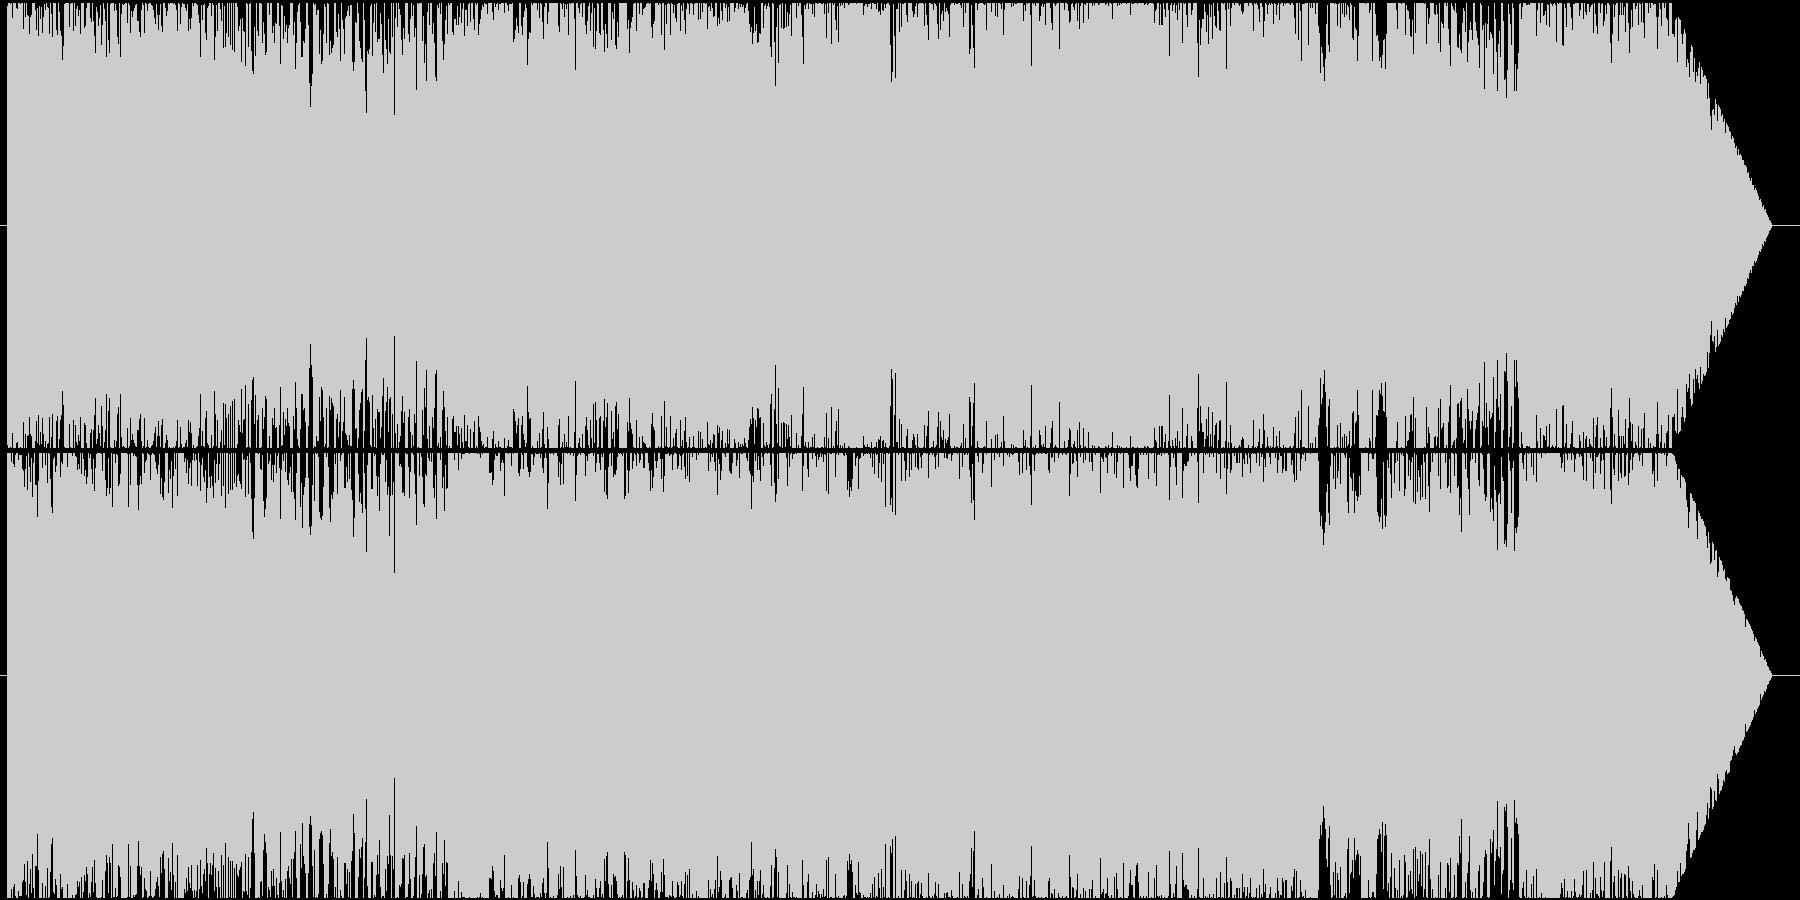 ロック調のラスボスバトル曲の未再生の波形